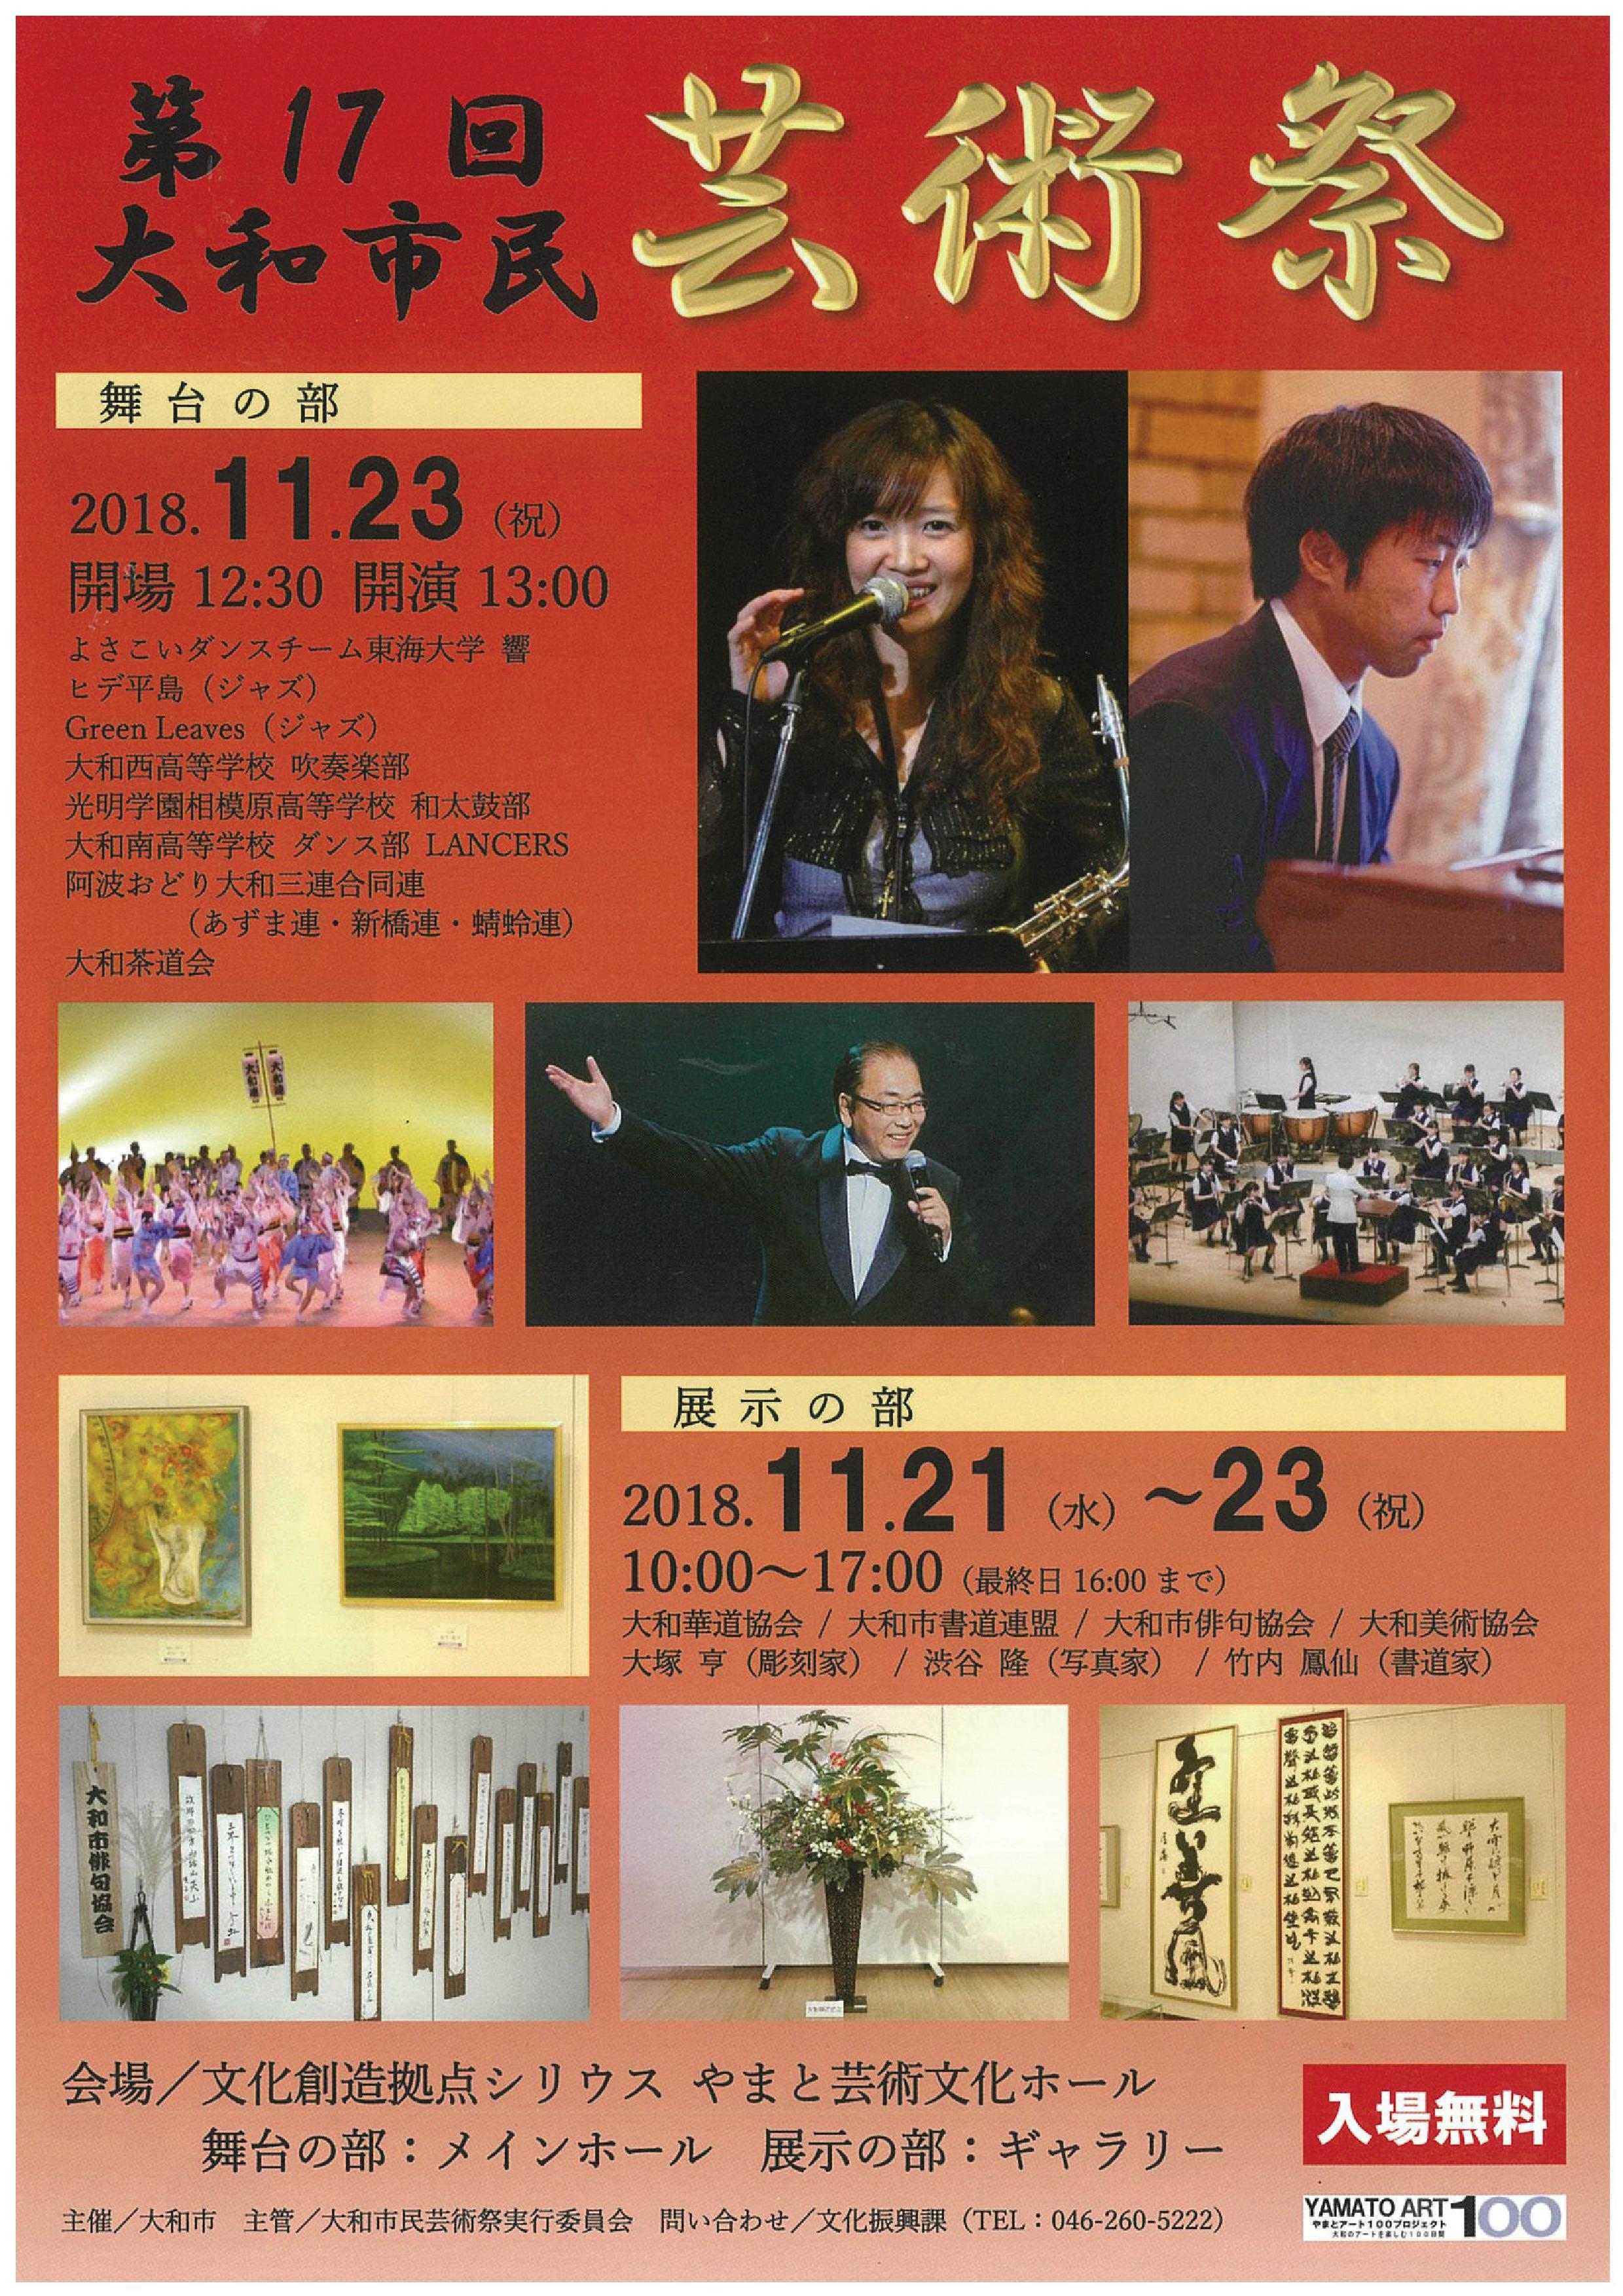 第17回 大和市民芸術祭